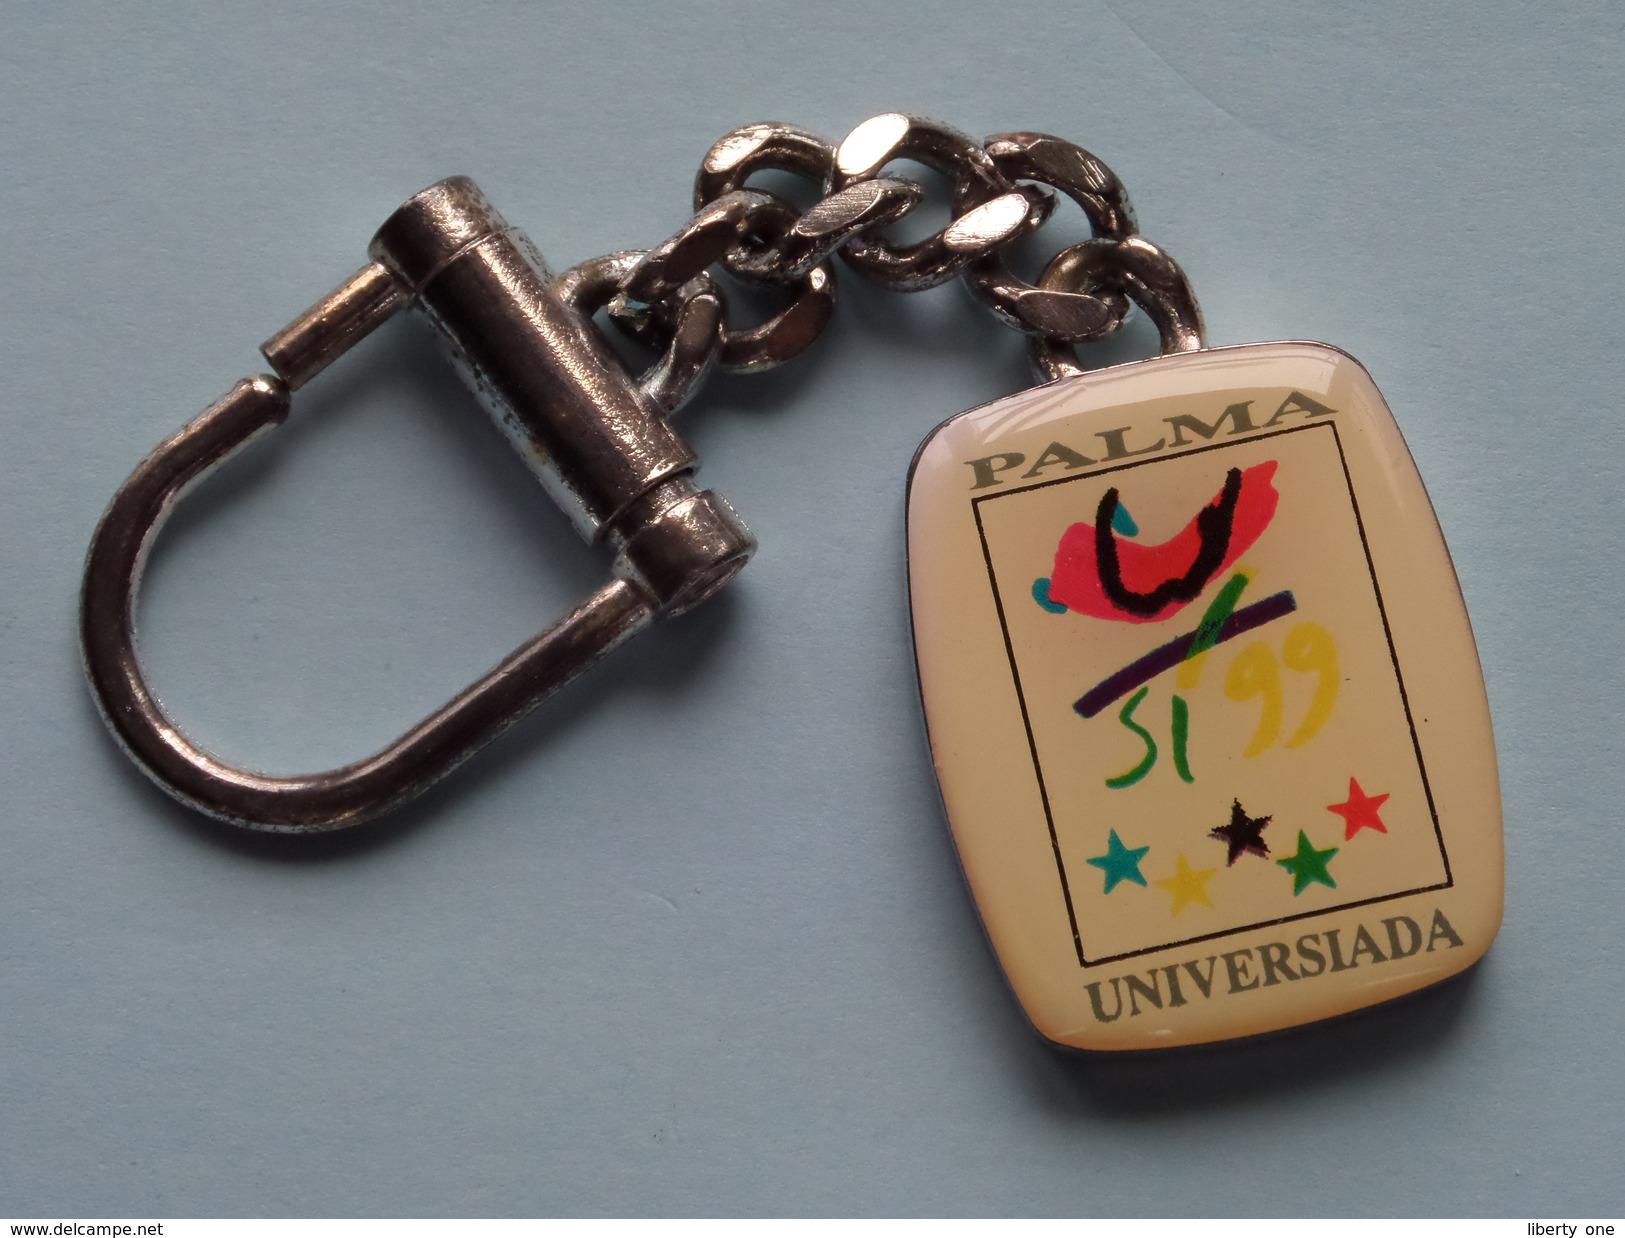 PALMA UNIVERSIADA ( Key Chain - Porte Clé / Sleutelhanger / Zie Foto ) ! - Jeux Olympiques